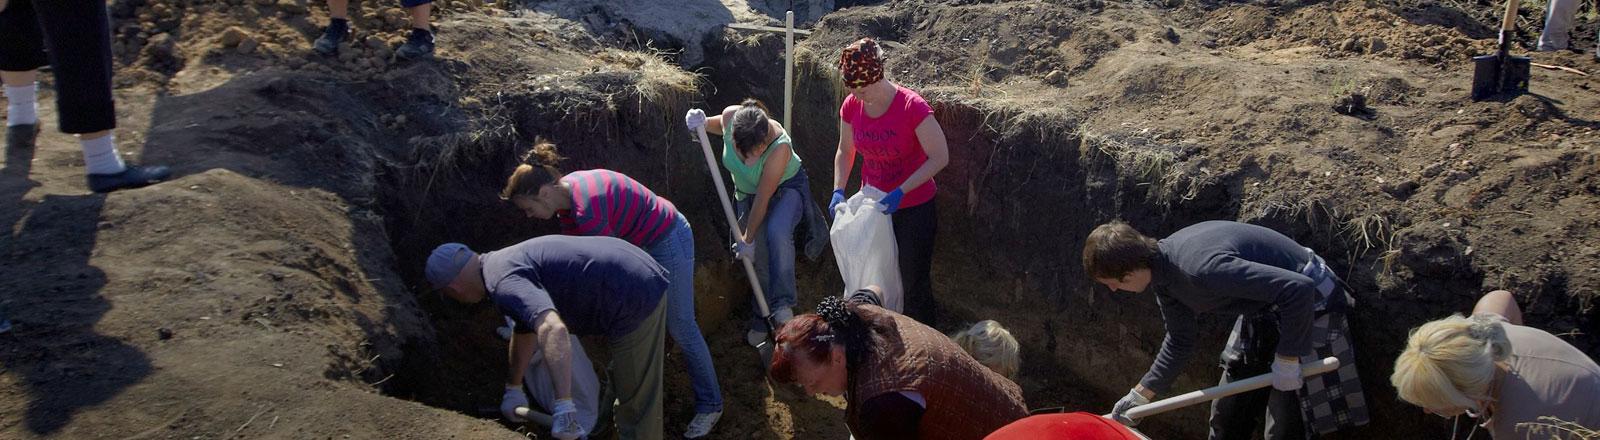 Freiwillige aus der Ukraine graben ein Loch für die Mauer, die zwischen der Ukraine und Russland errichtet werden soll.